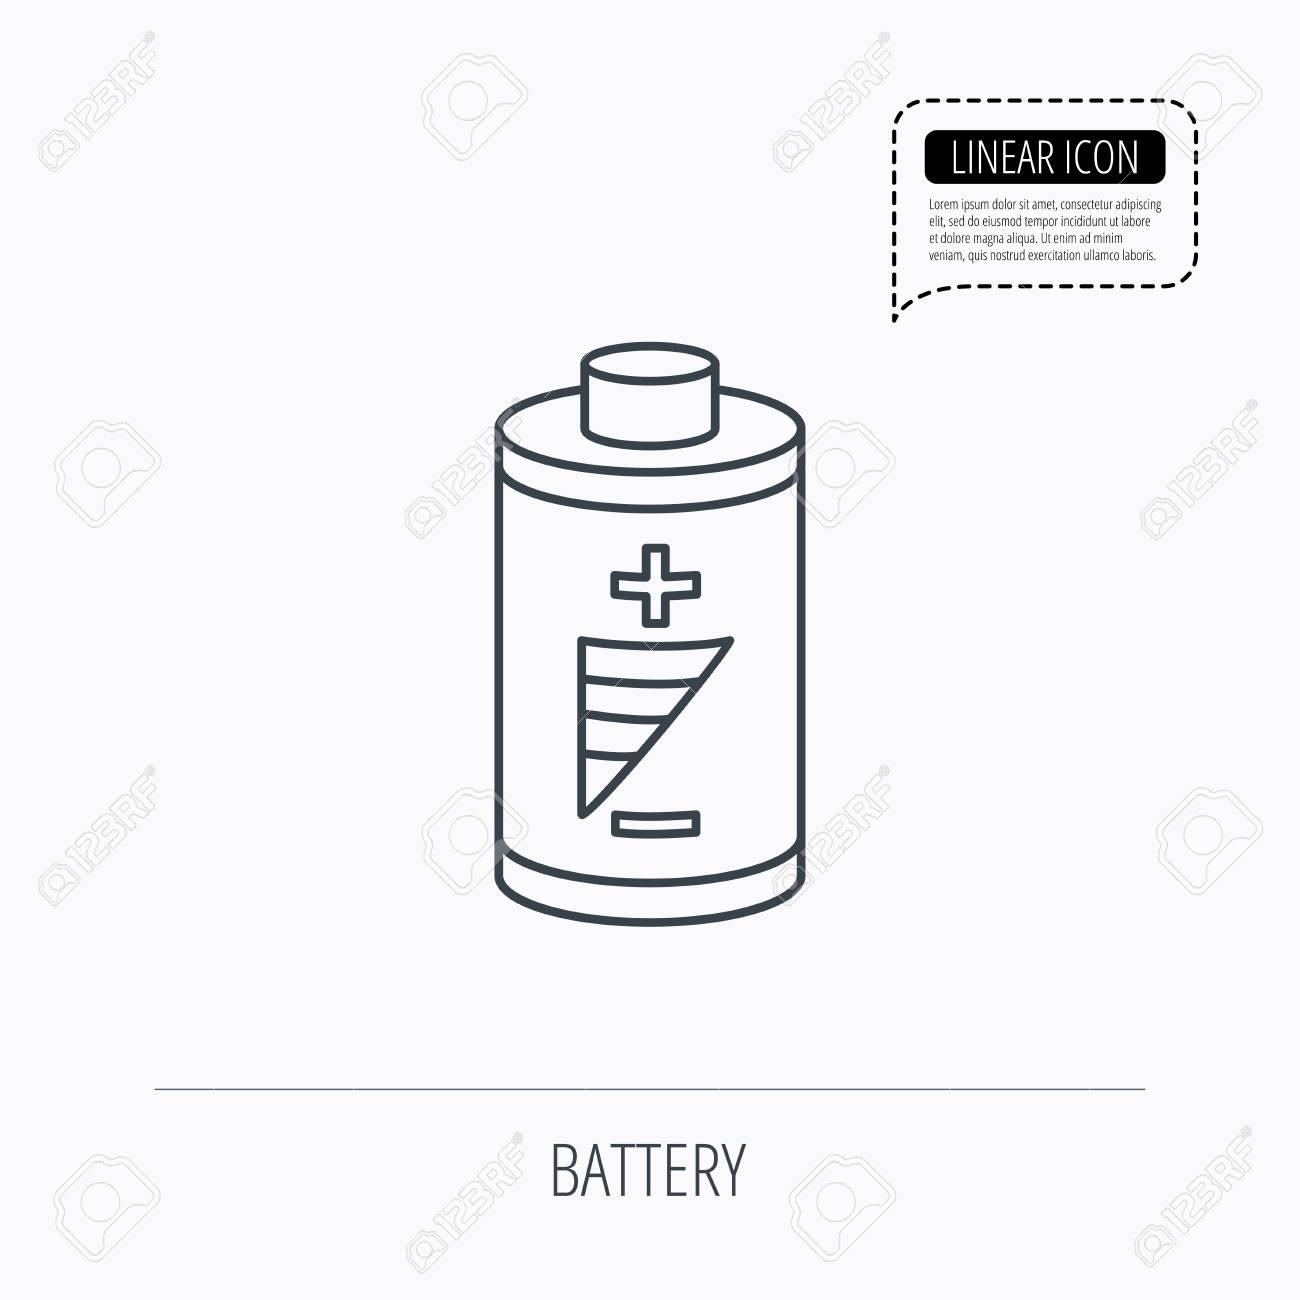 Batterie-Symbol. Elektrische Leistung Zeichen. Wiederaufladbare ...